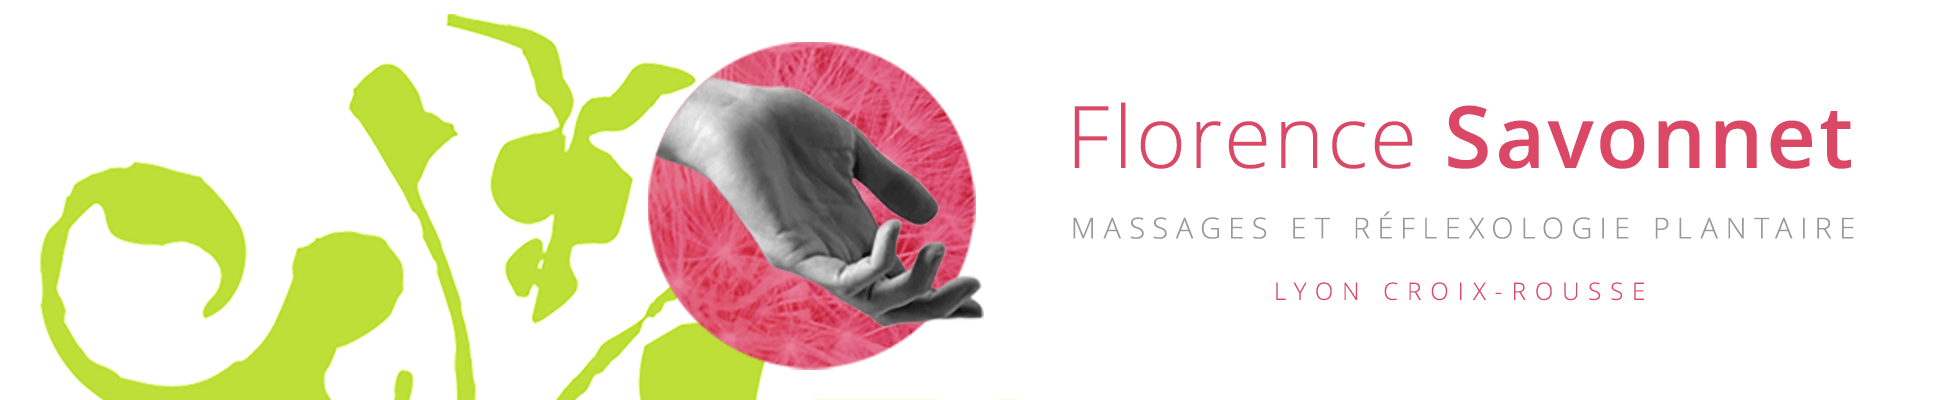 Massage bien-être, réflexologie plantaire et drainage lymphatique à Lyon – Florence Savonnet